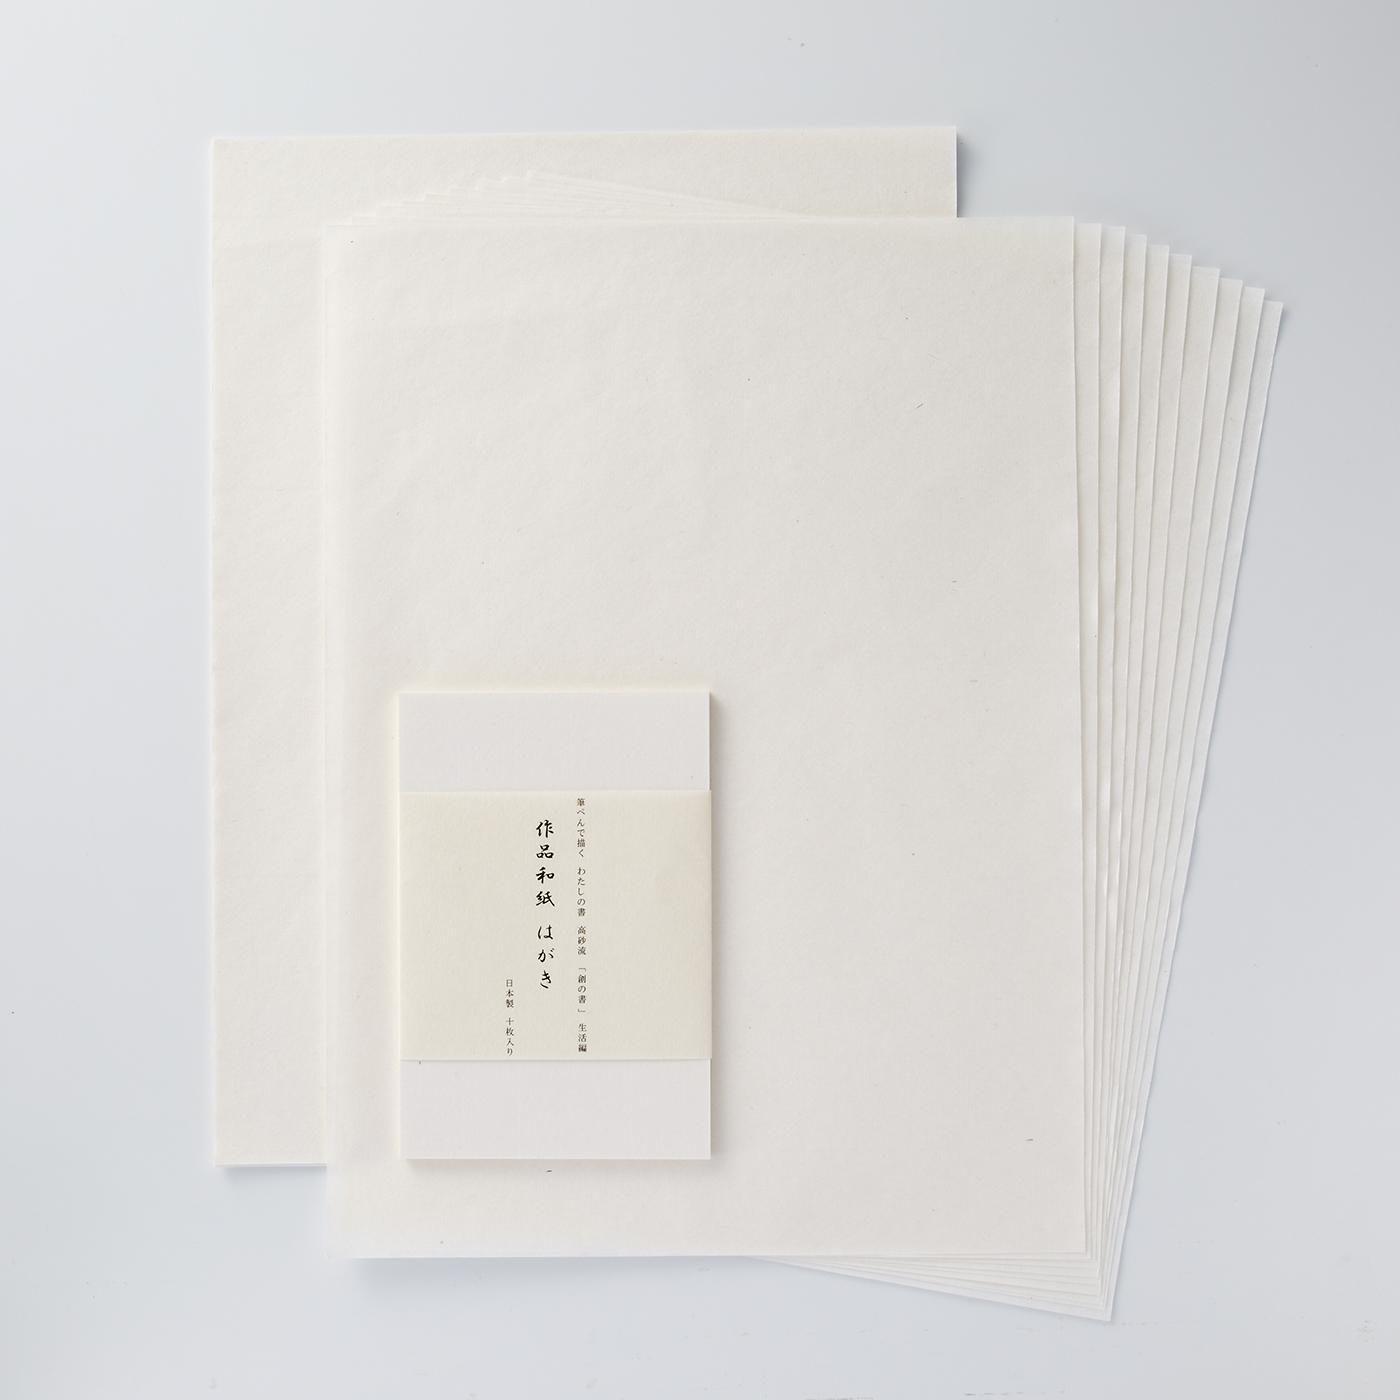 練習用半紙(20枚)とはがきサイズの作品用和紙(10枚)のセット。